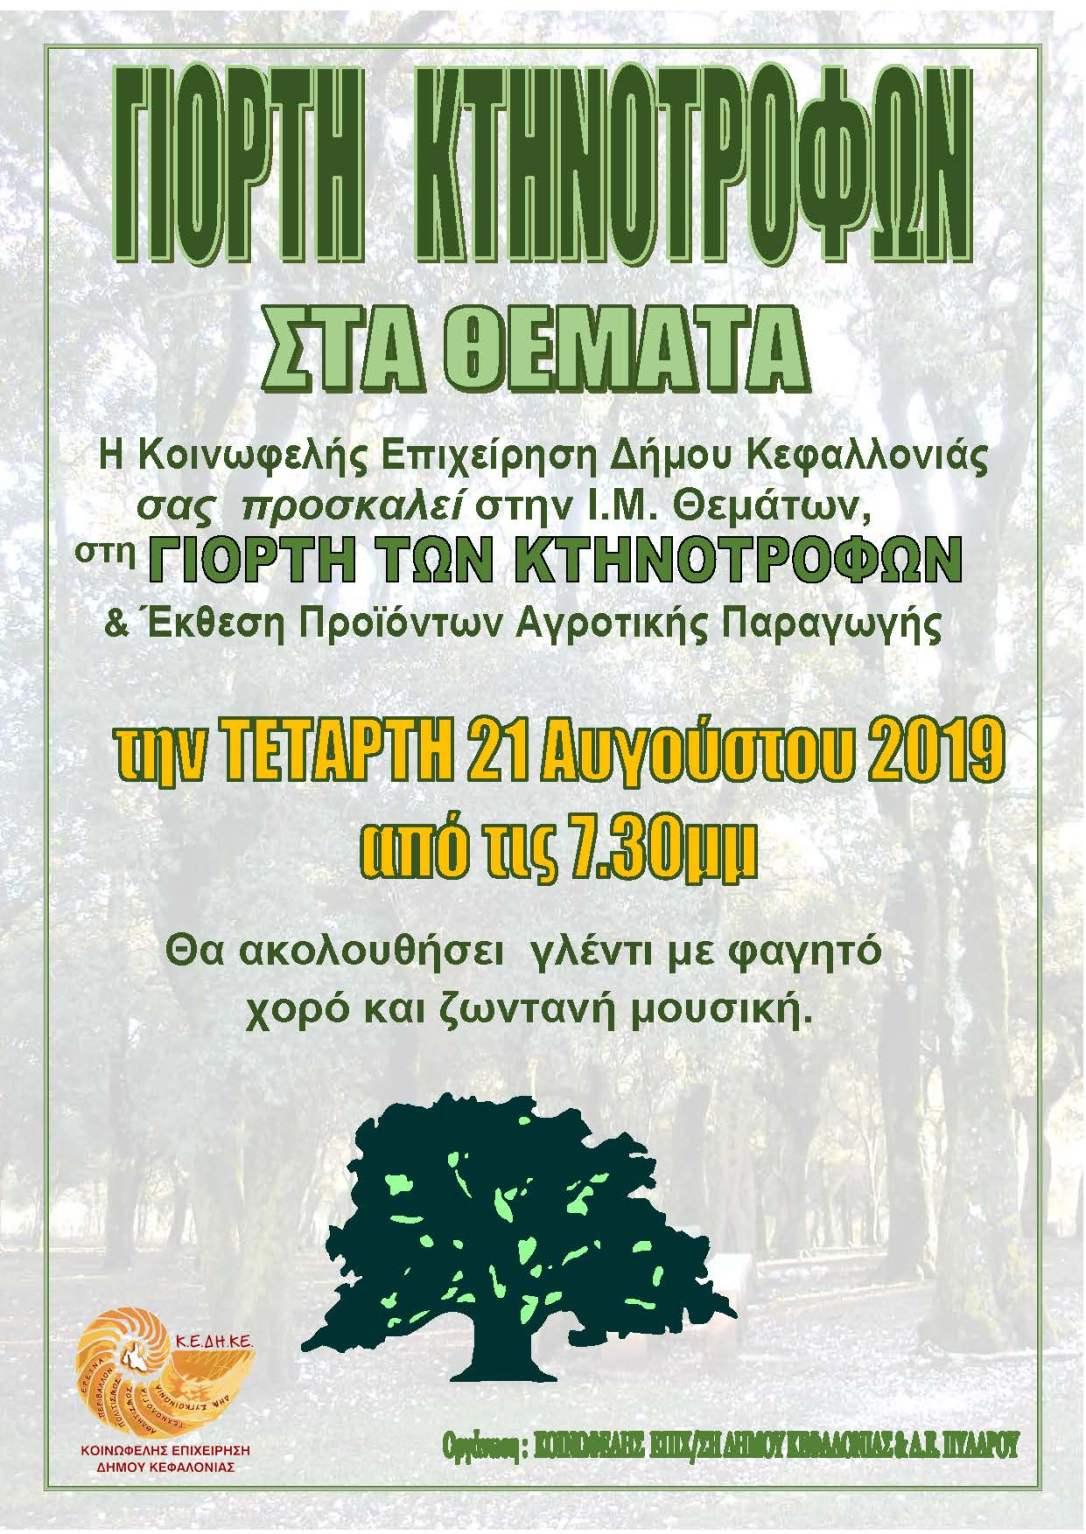 ΘΕΜΑΤΑ 2019